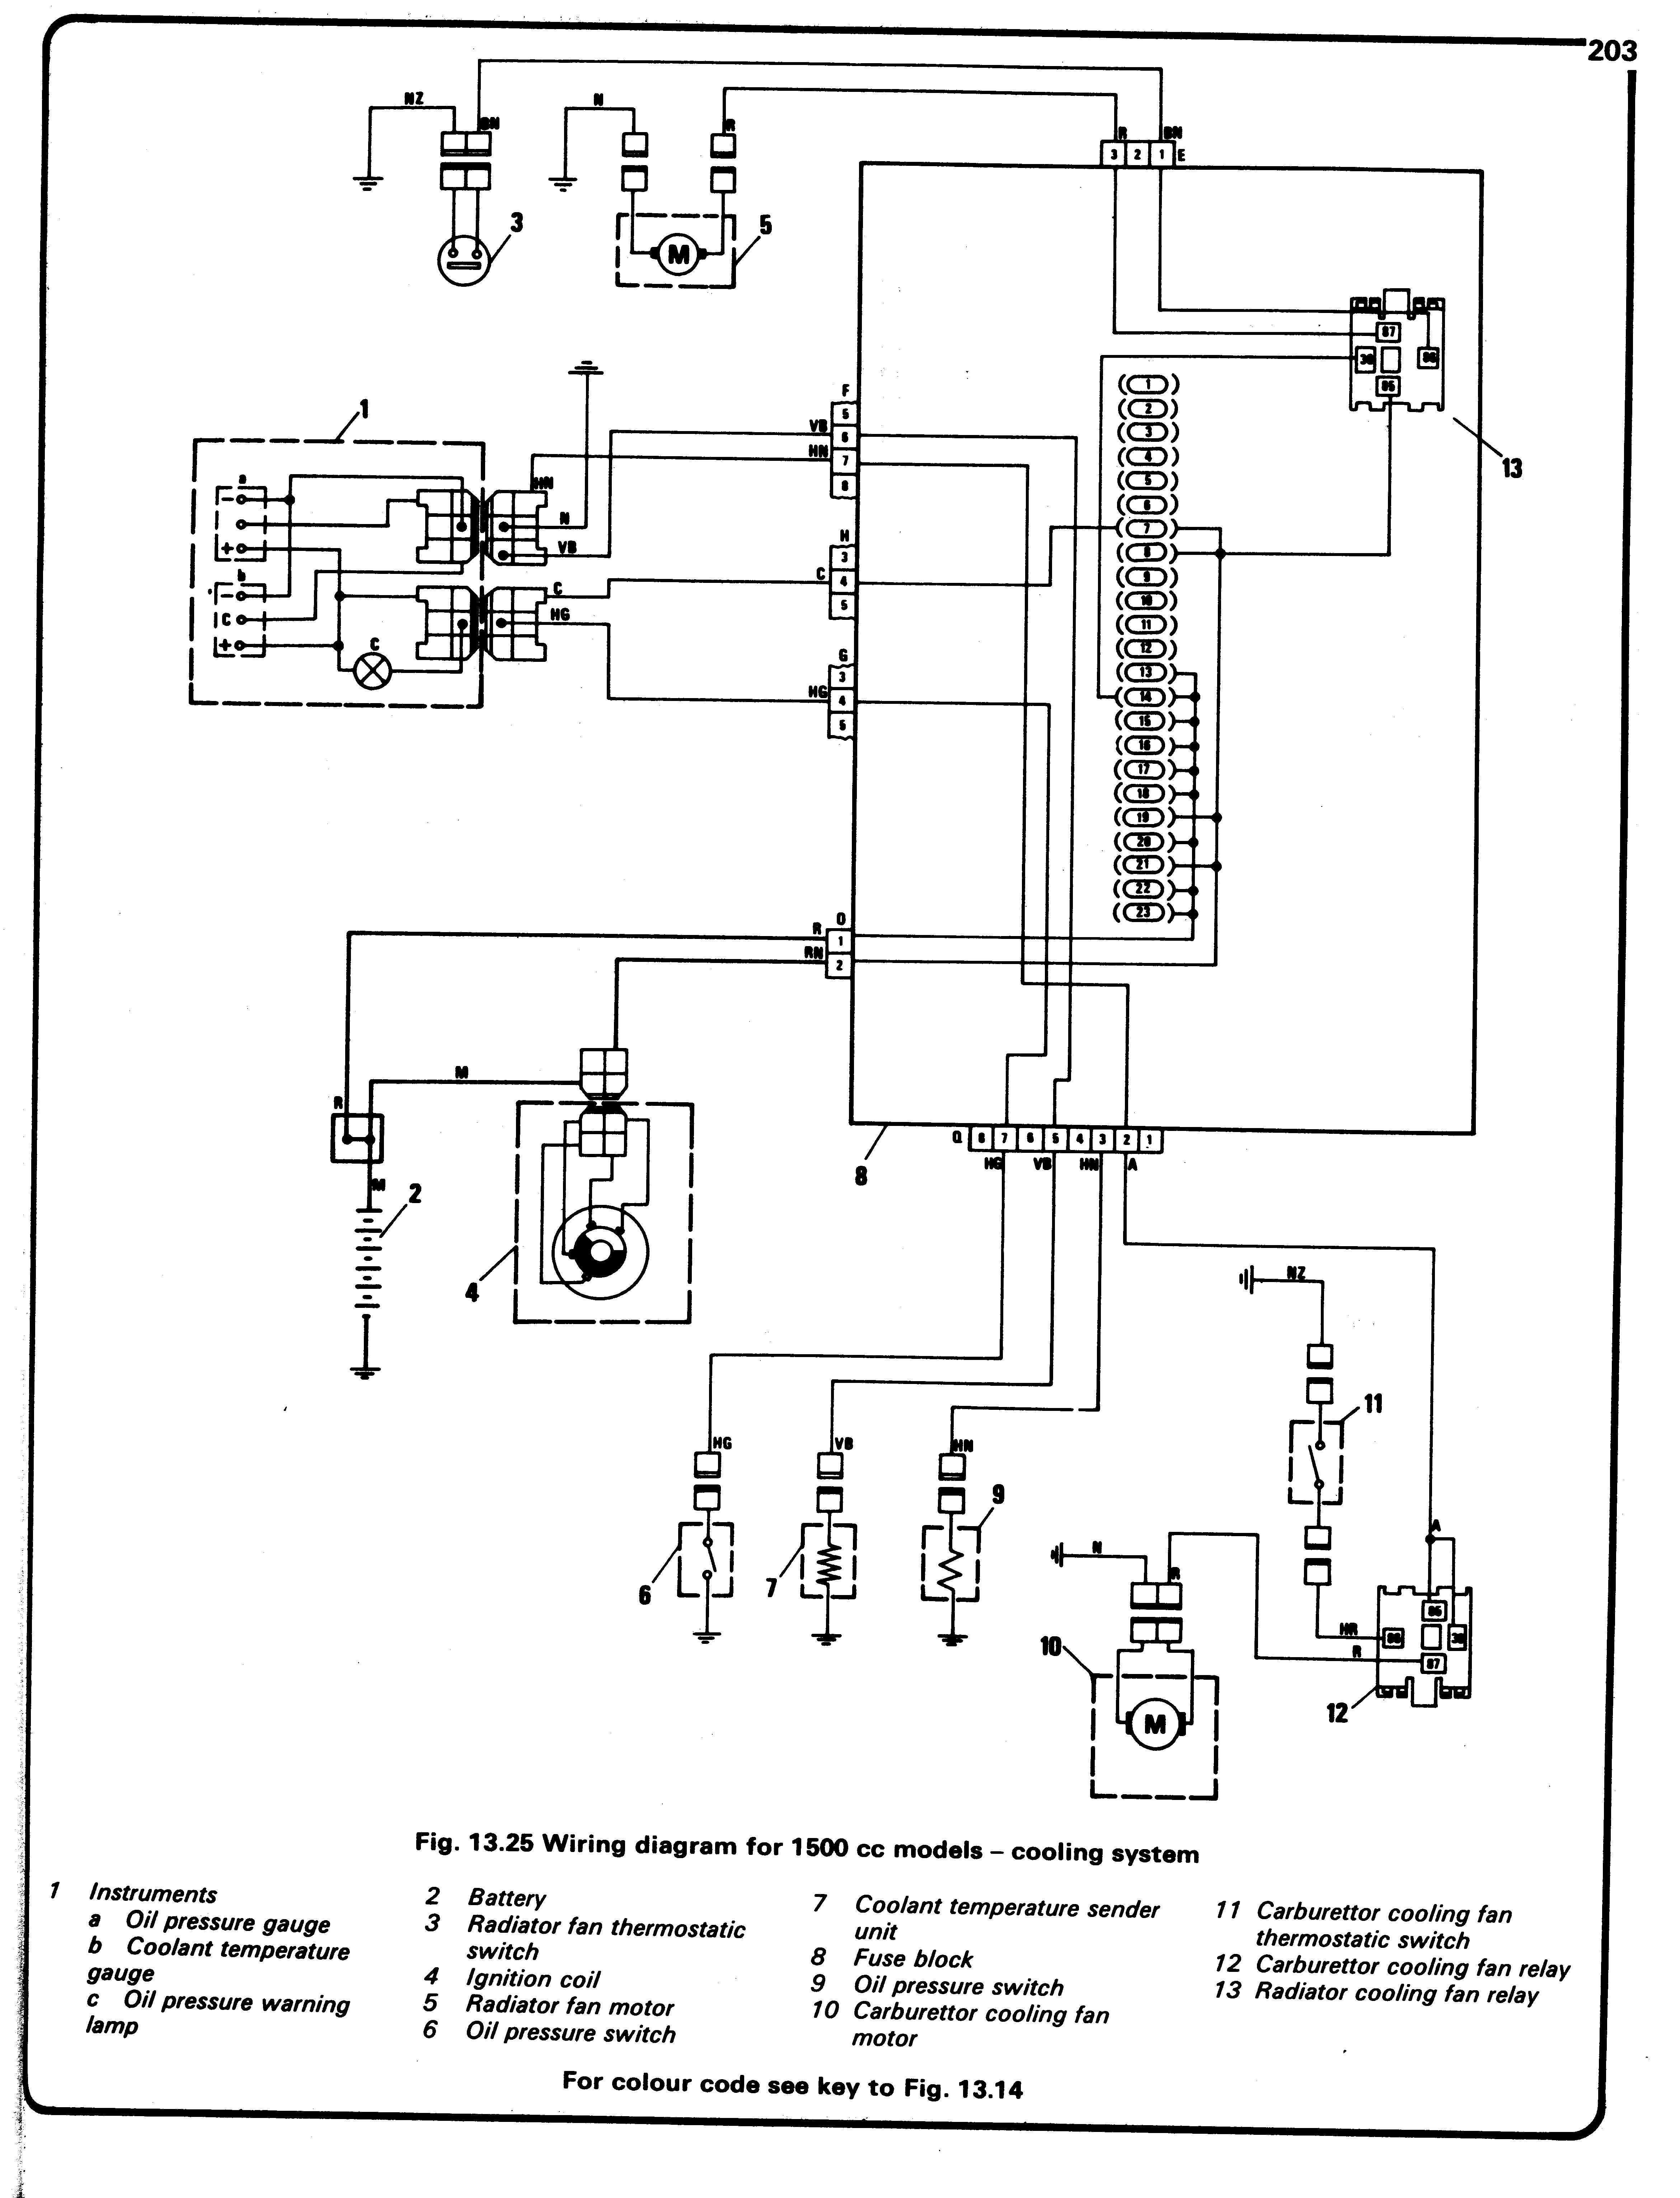 Kühlerlüfterrelais - X1-9 Forum